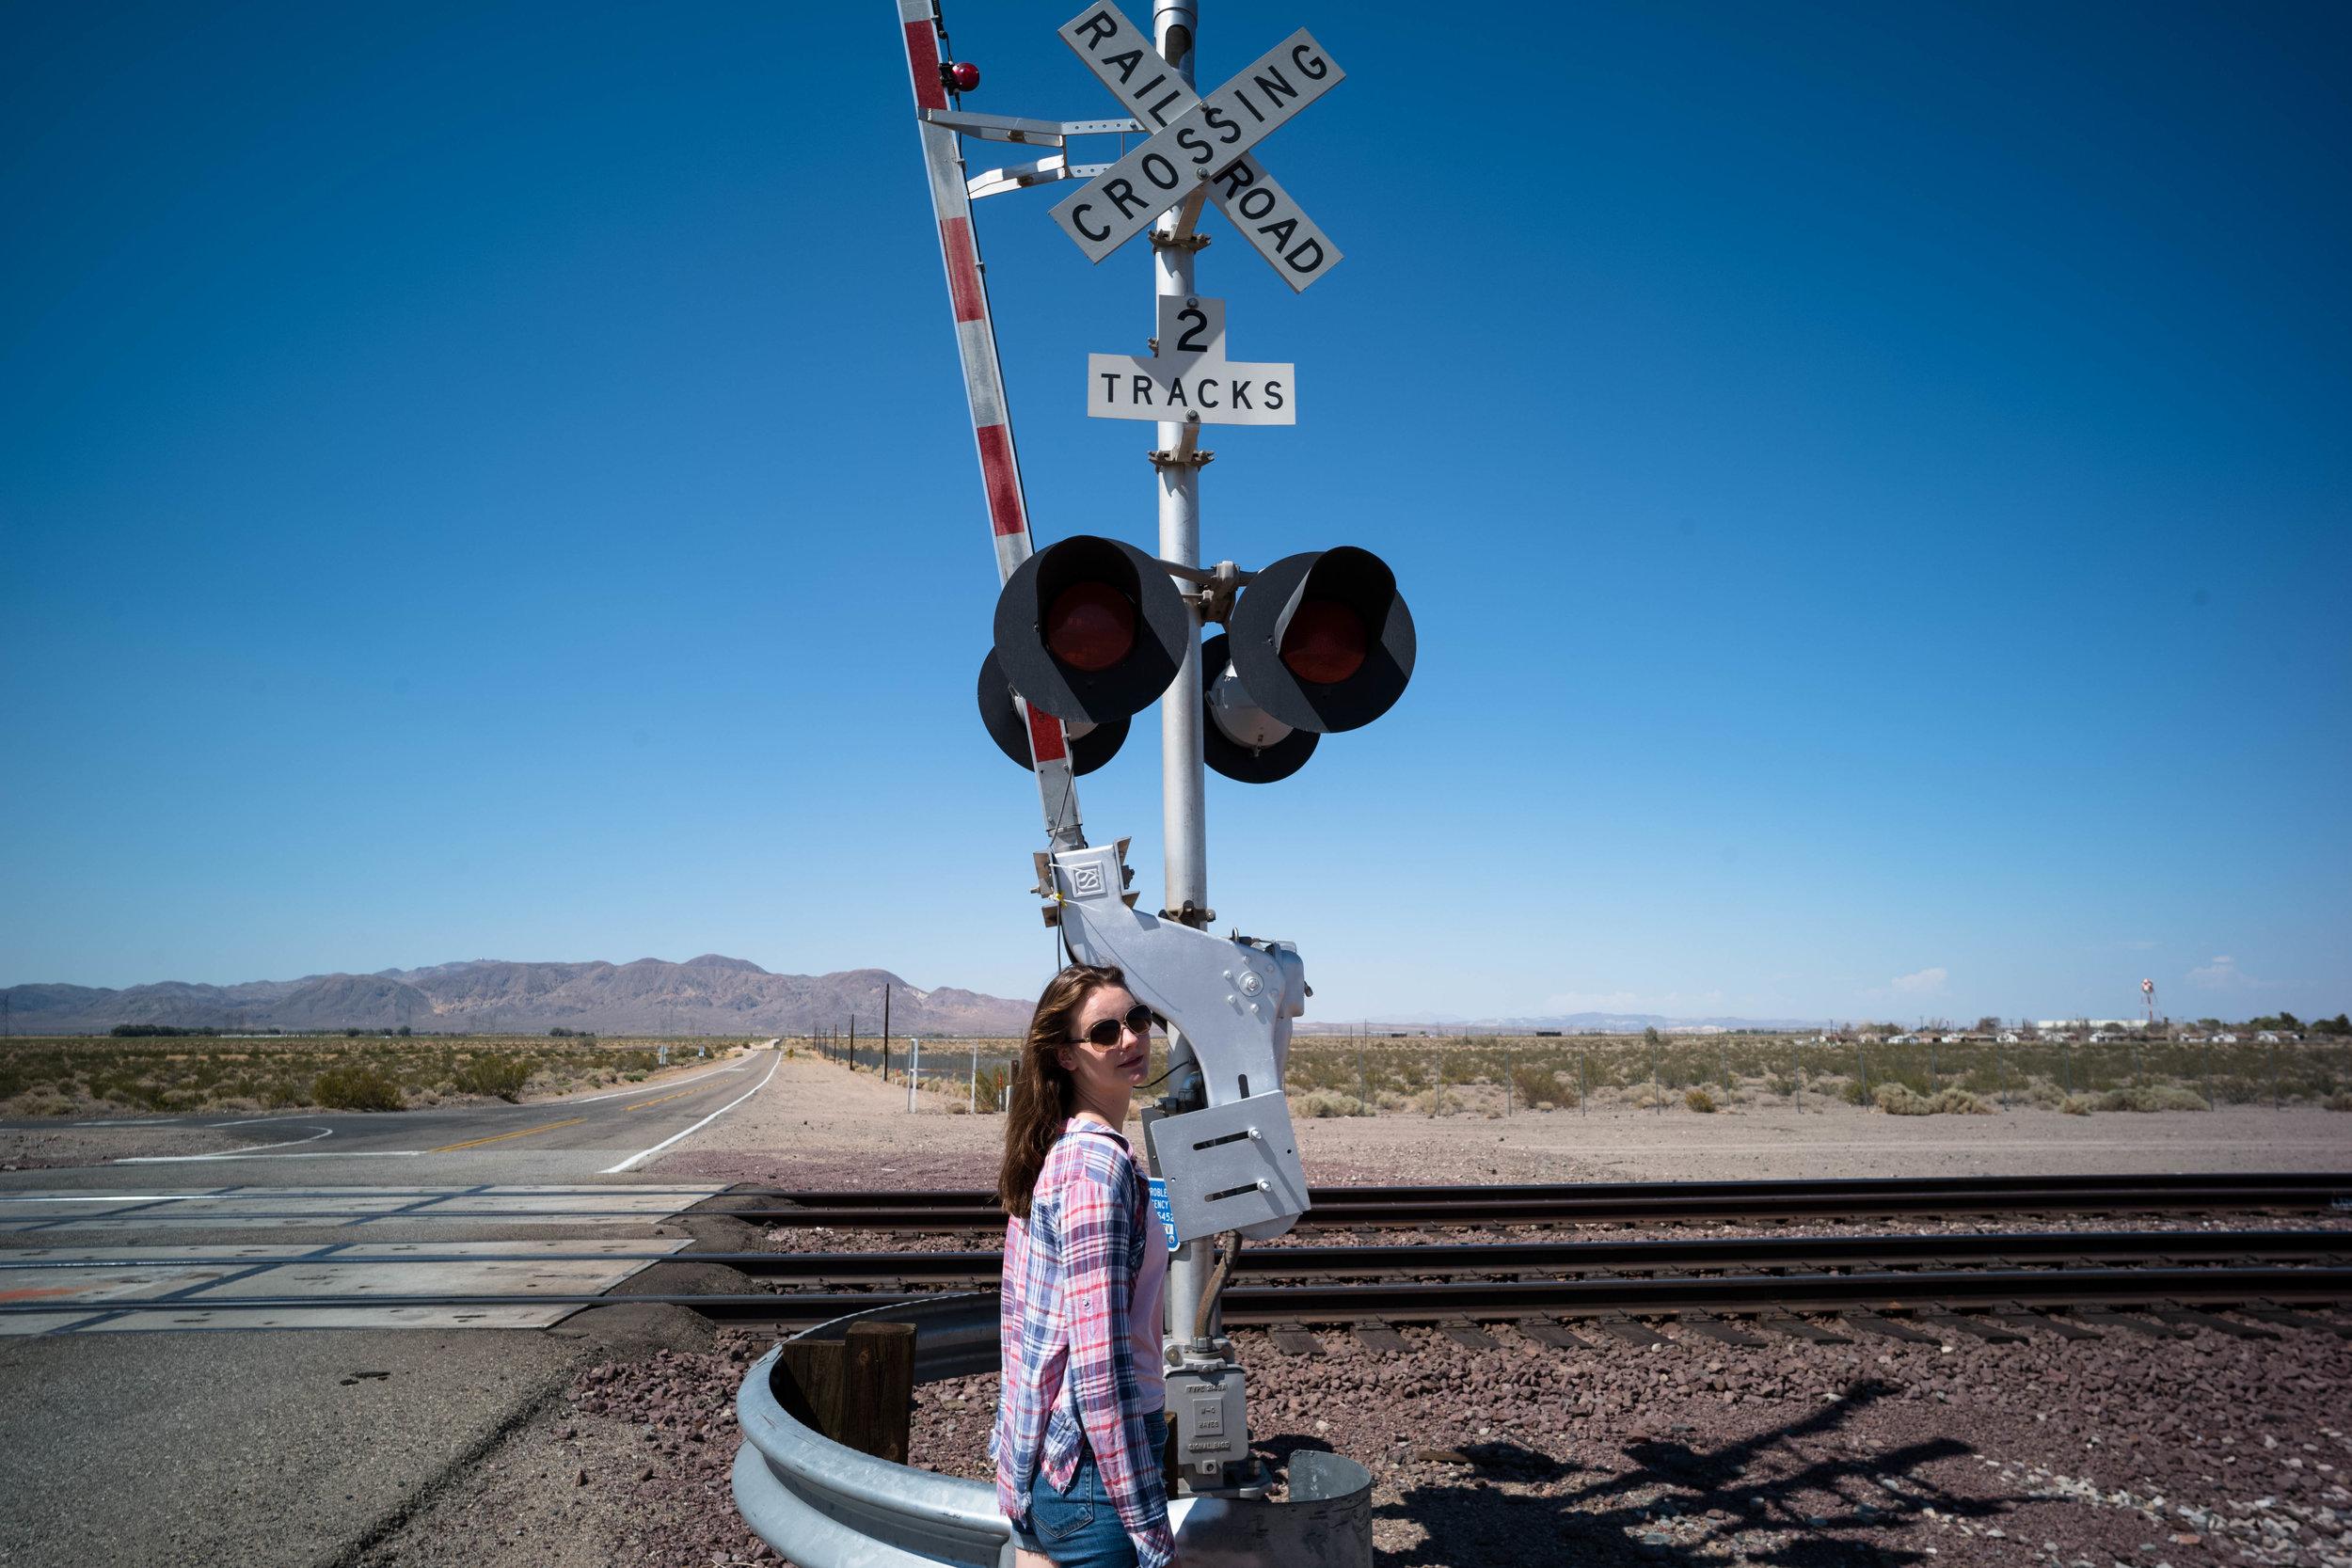 At the train tracks. Leica 21mm f/3.4 Super Elmar ASPH